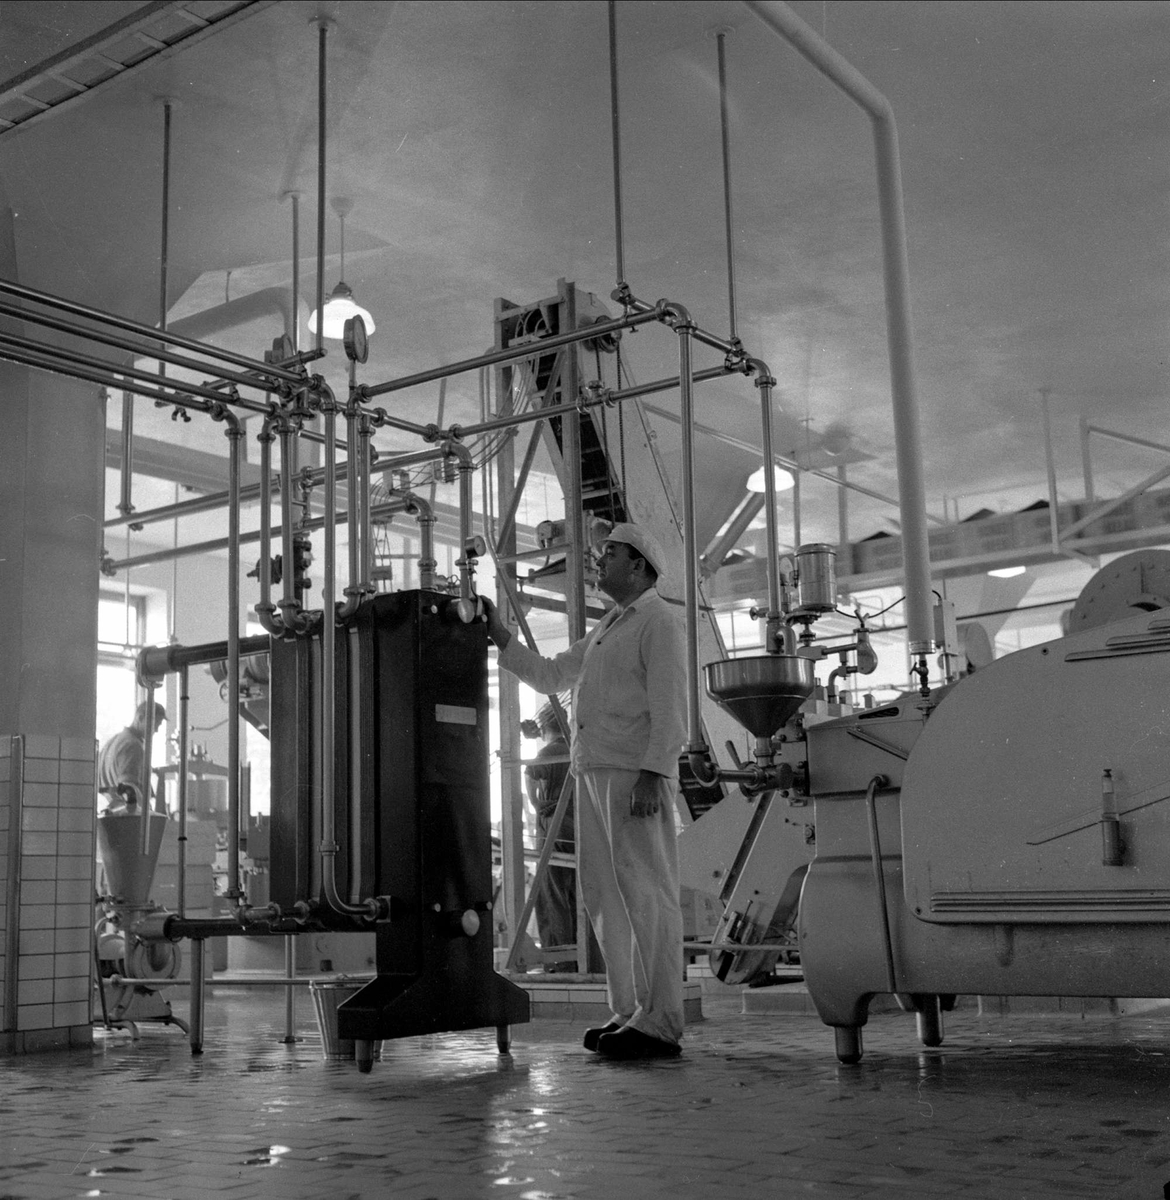 Tørrmelkfabrikk i Brumunddal, Ringsaker, 15.10.1956, produksjonshall, fabrikkarbeider i forgrunnen. (Foto/Photo)